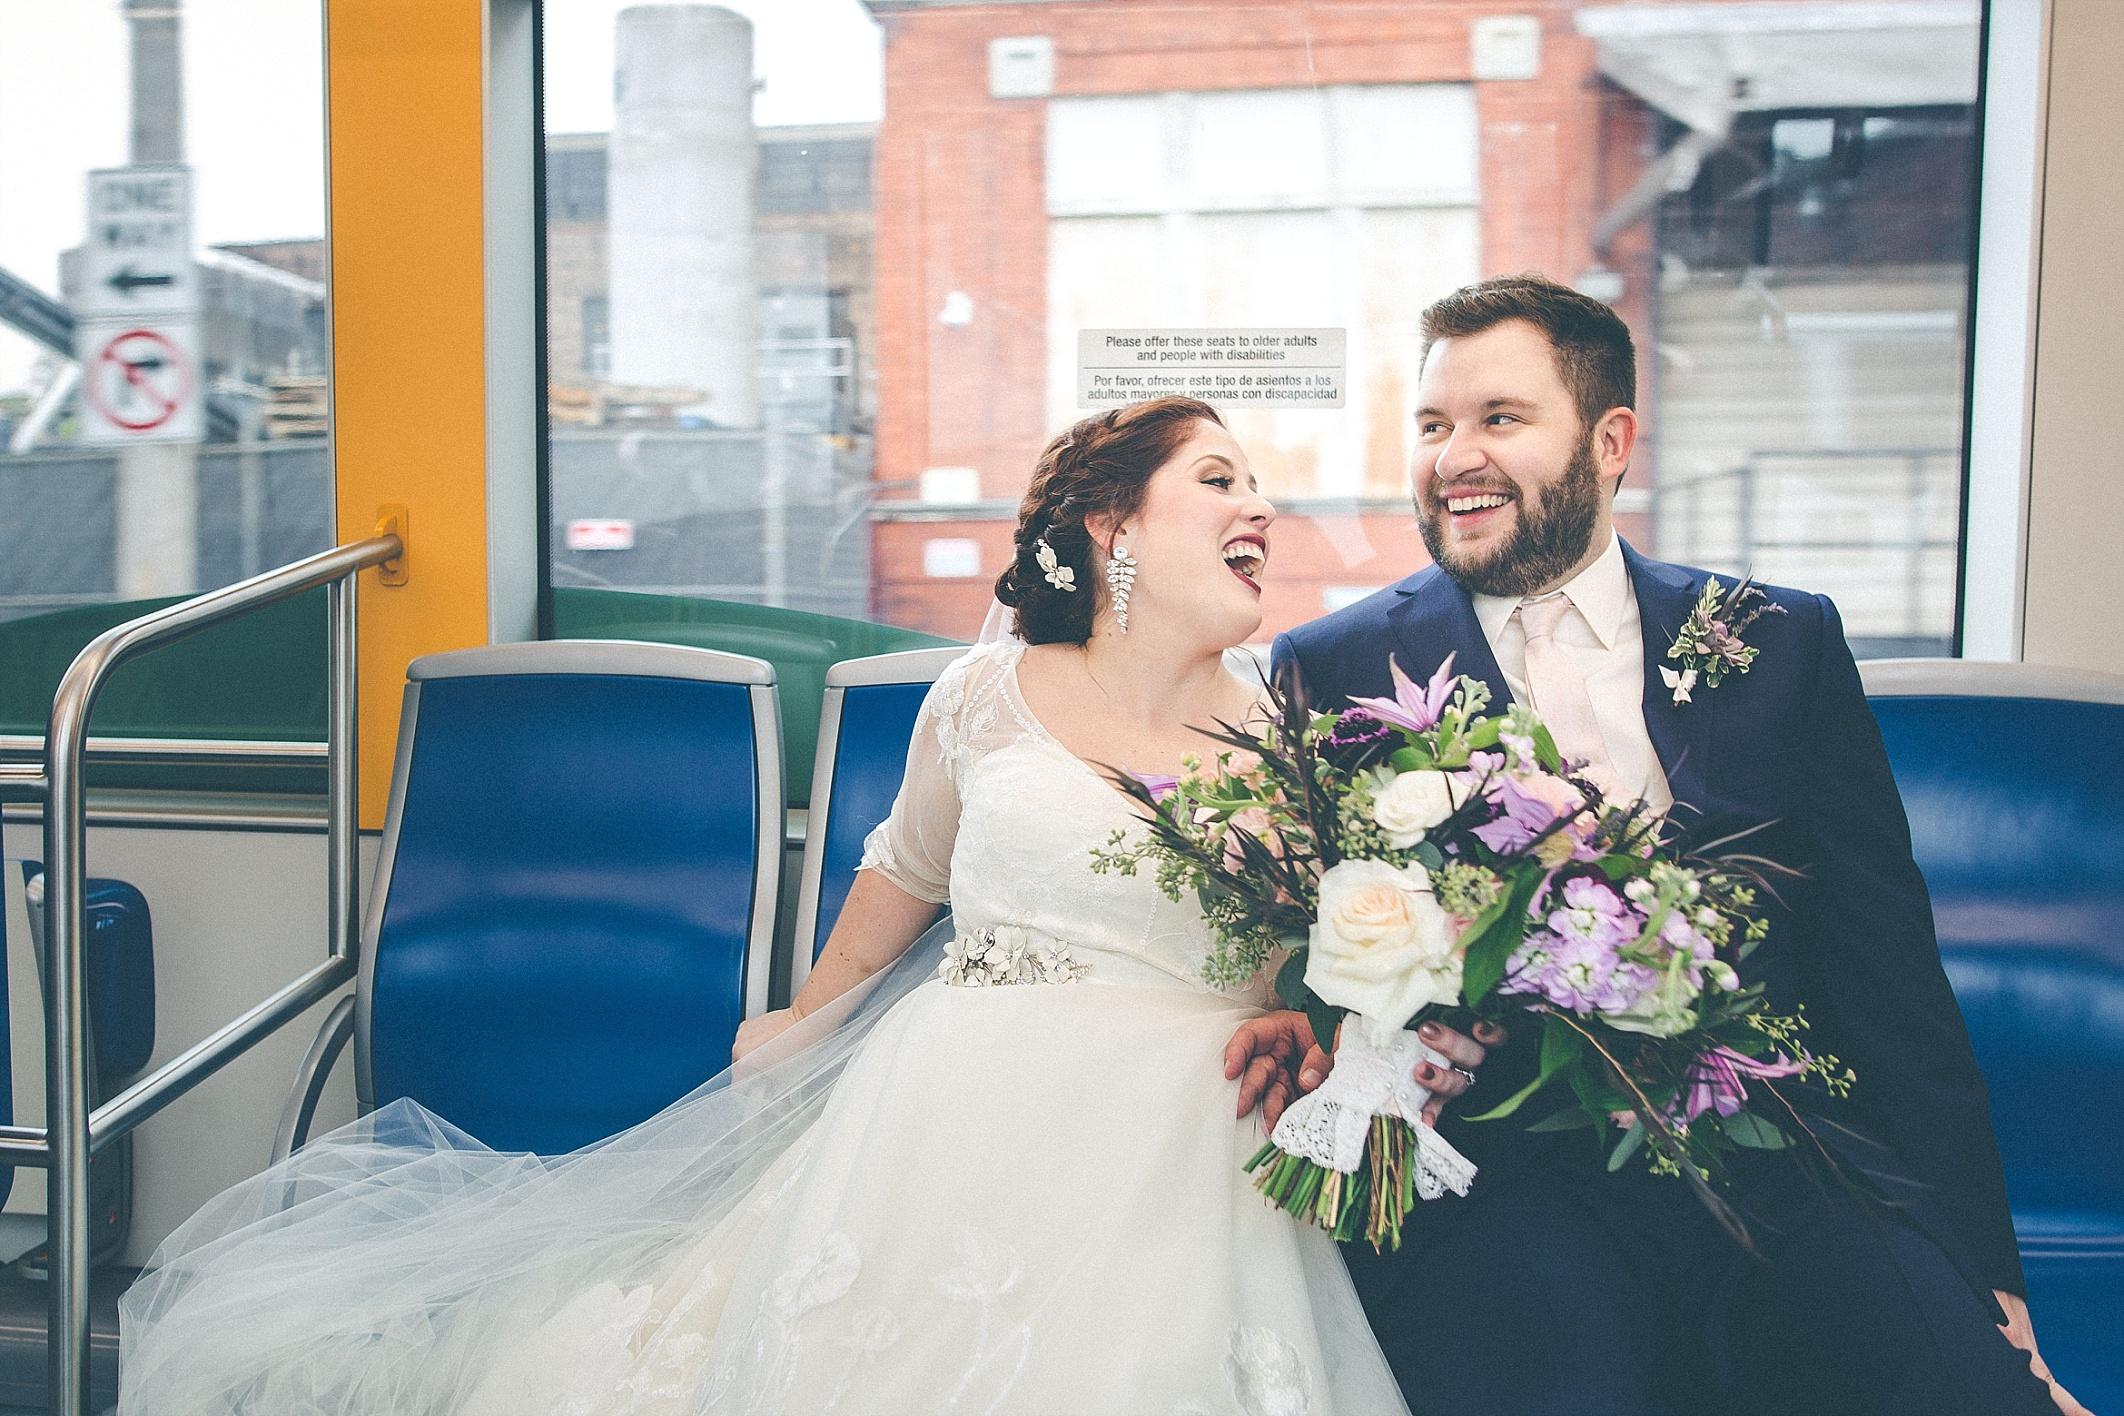 hilary-aaron-cincinnati-trancept-wedding-photographer-dayton-ohio_0017.jpg